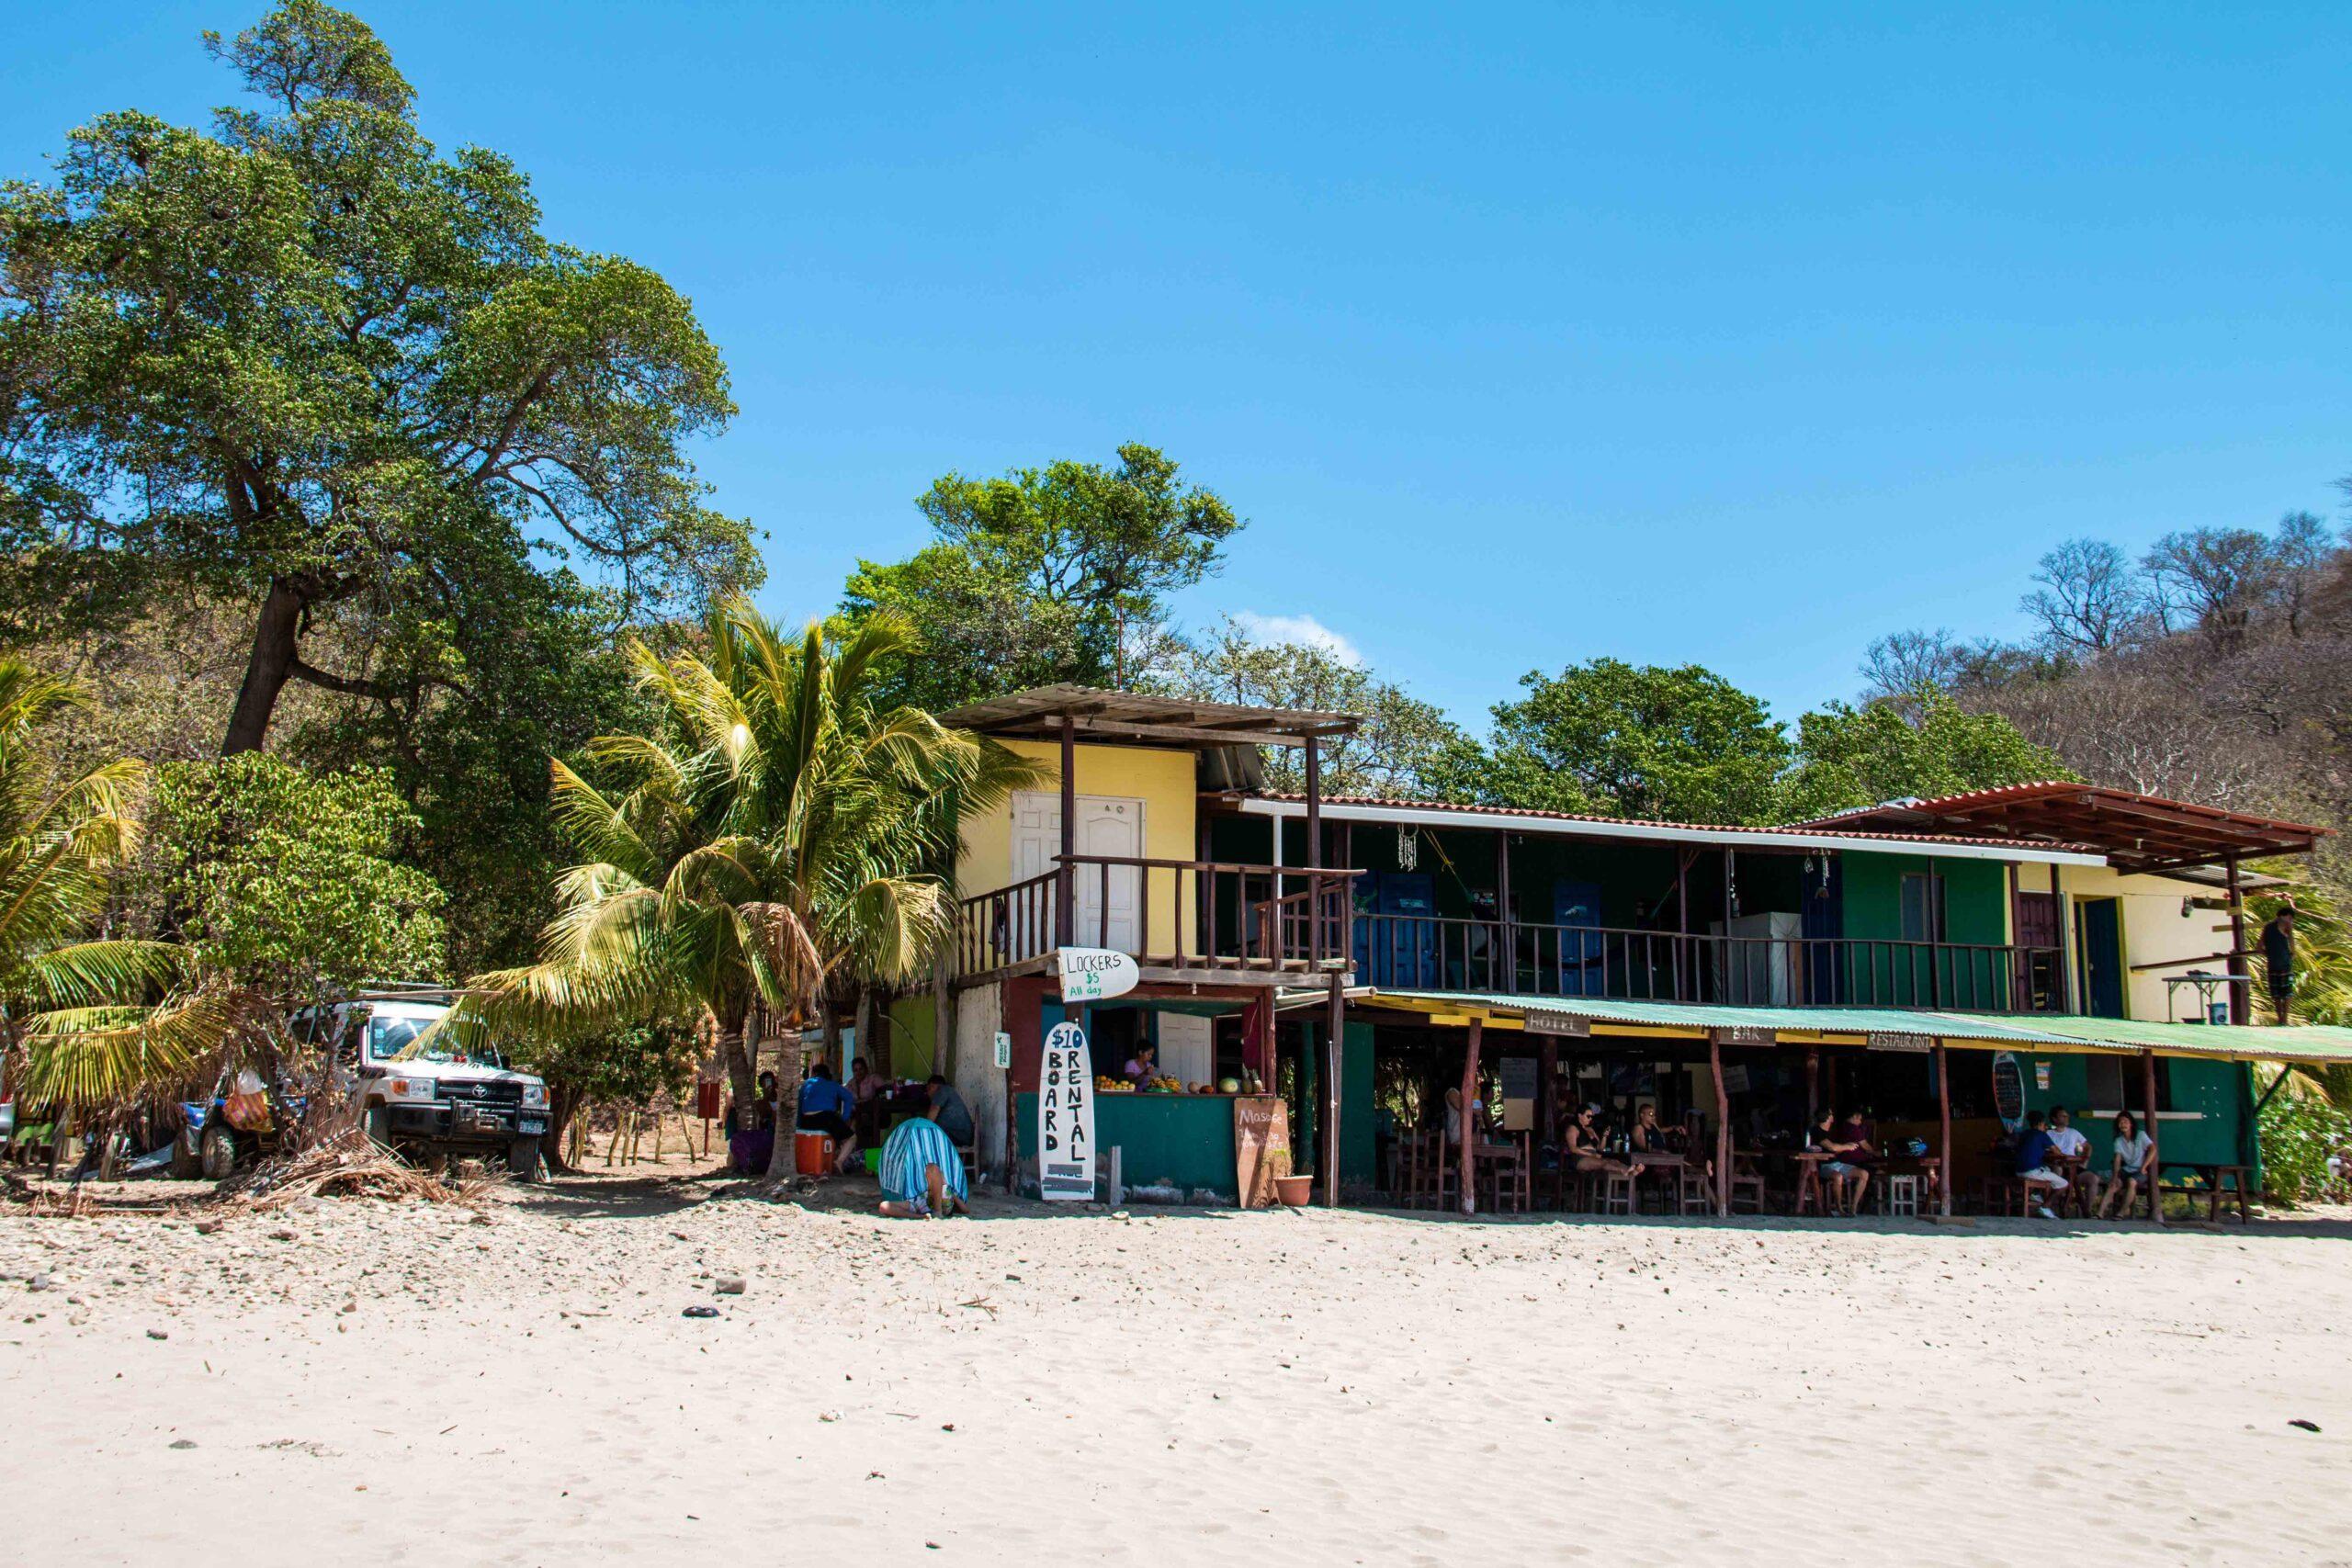 Beach bar at Playa Maderas in Nicaragua